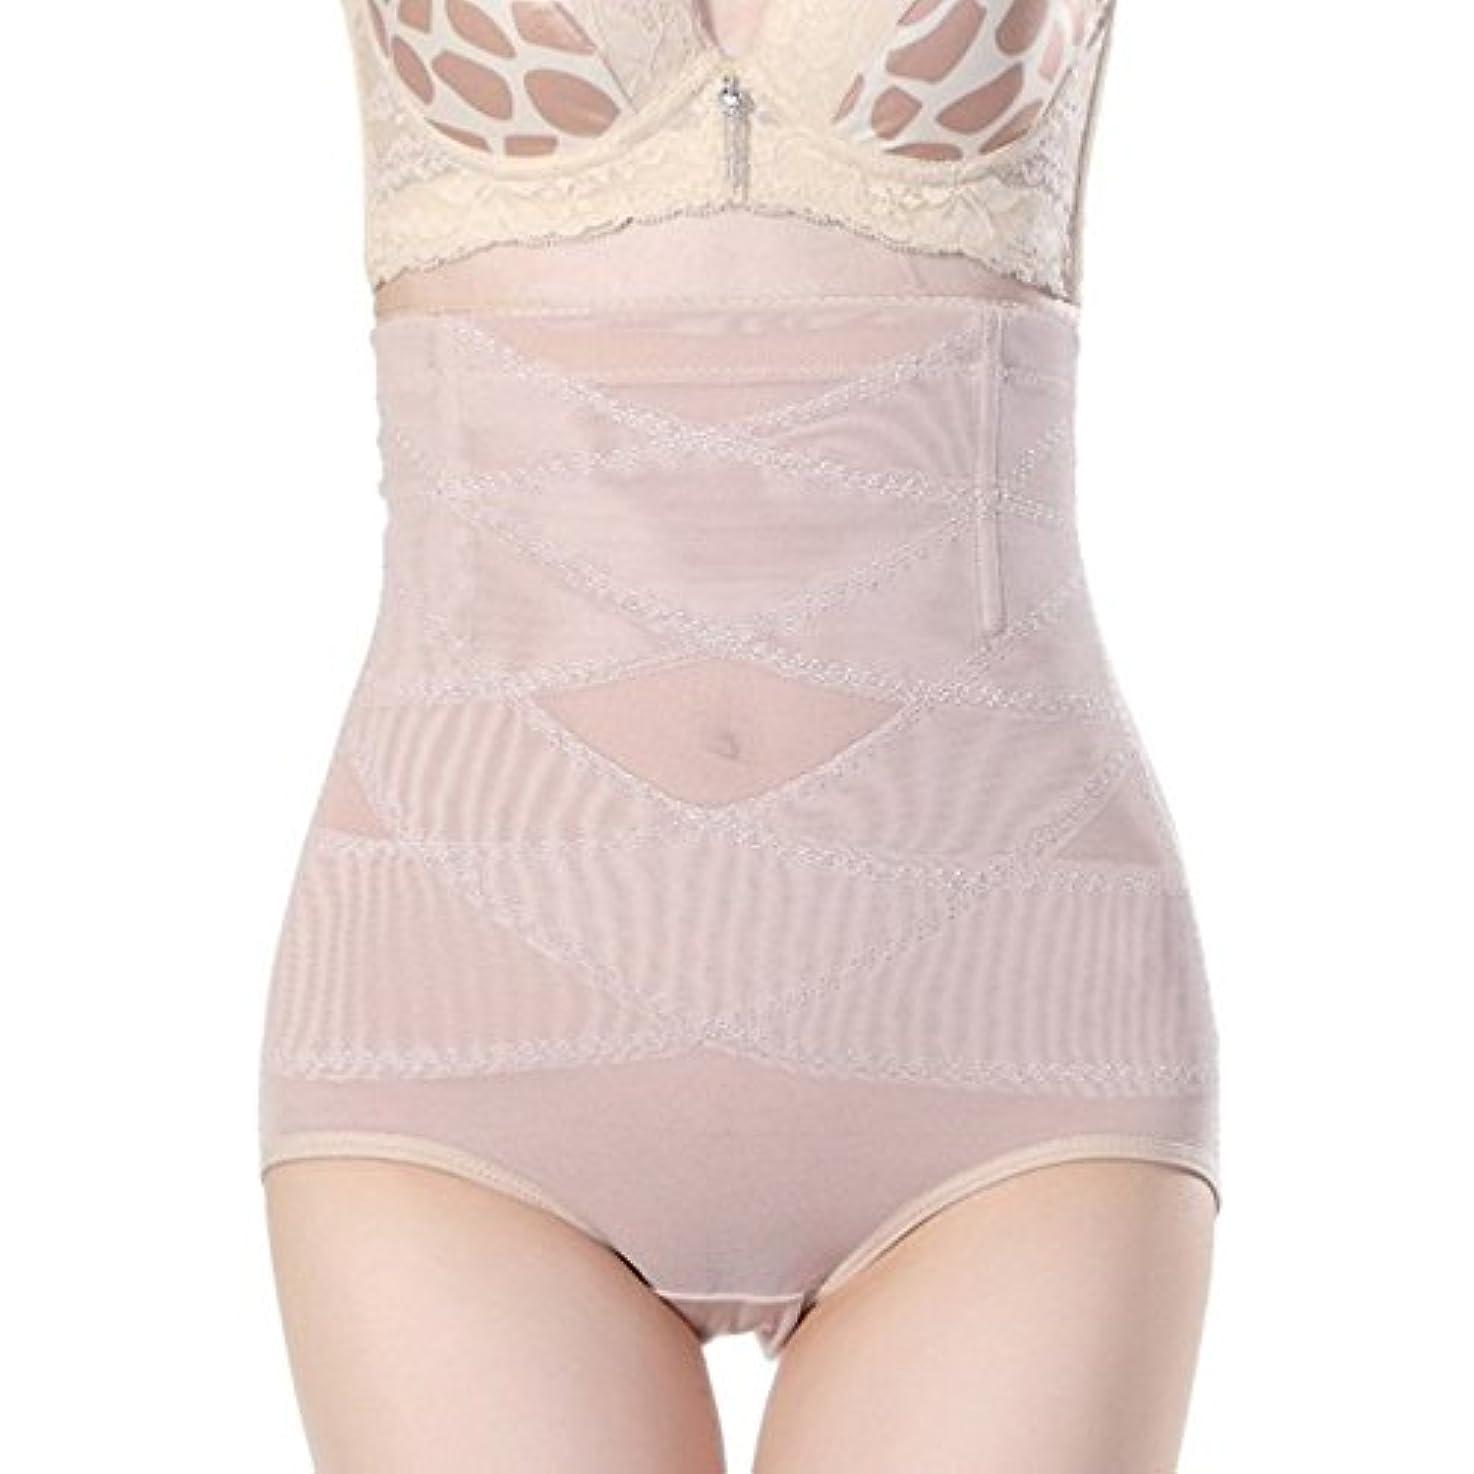 ベスビオ山マーベル凝視腹部制御下着シームレスおなかコントロールパンティーバットリフターボディシェイパーを痩身通気性のハイウエストの女性 - 肌色M